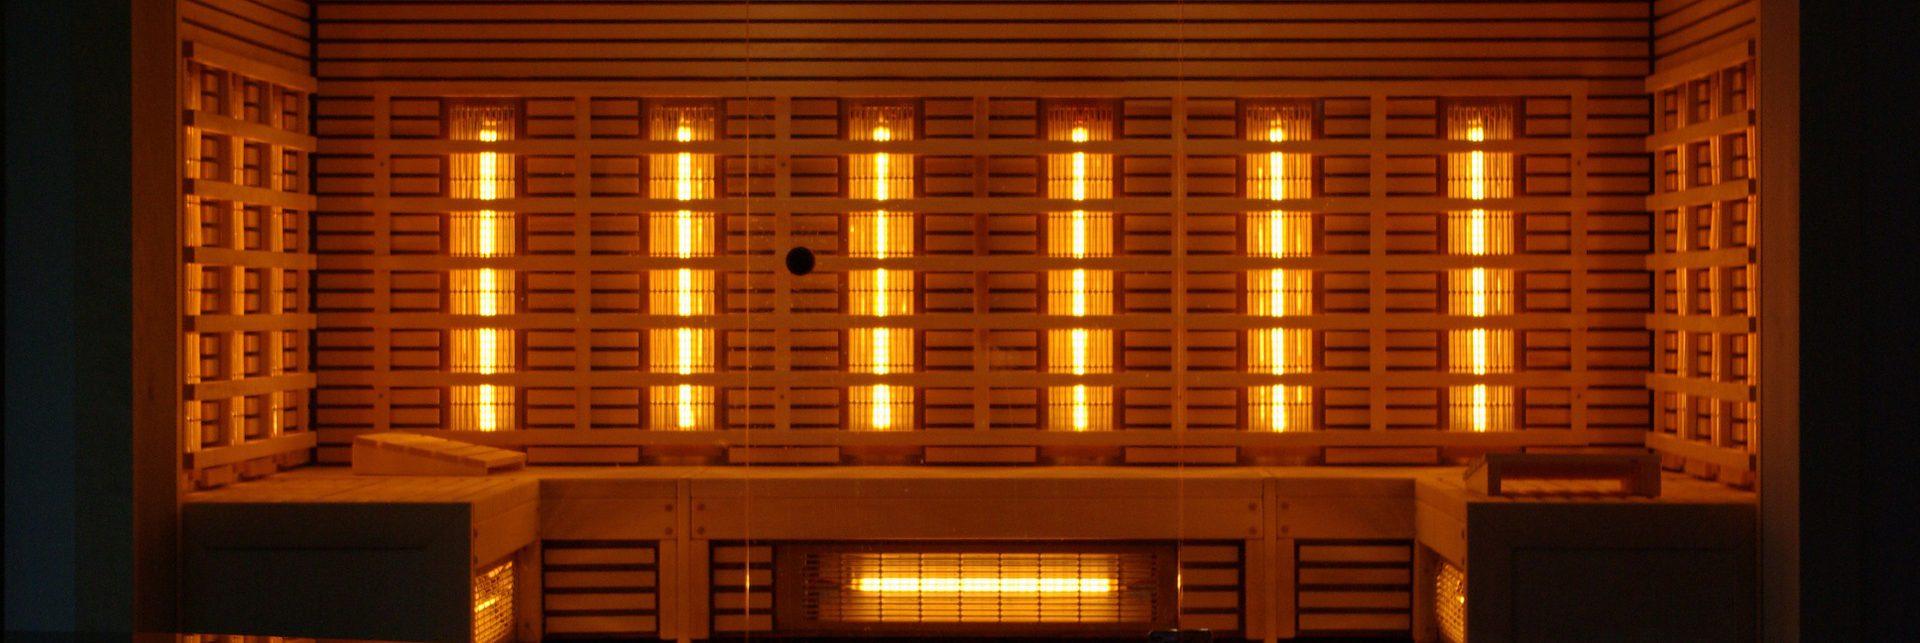 sauna infrared oświetlenei do sauny